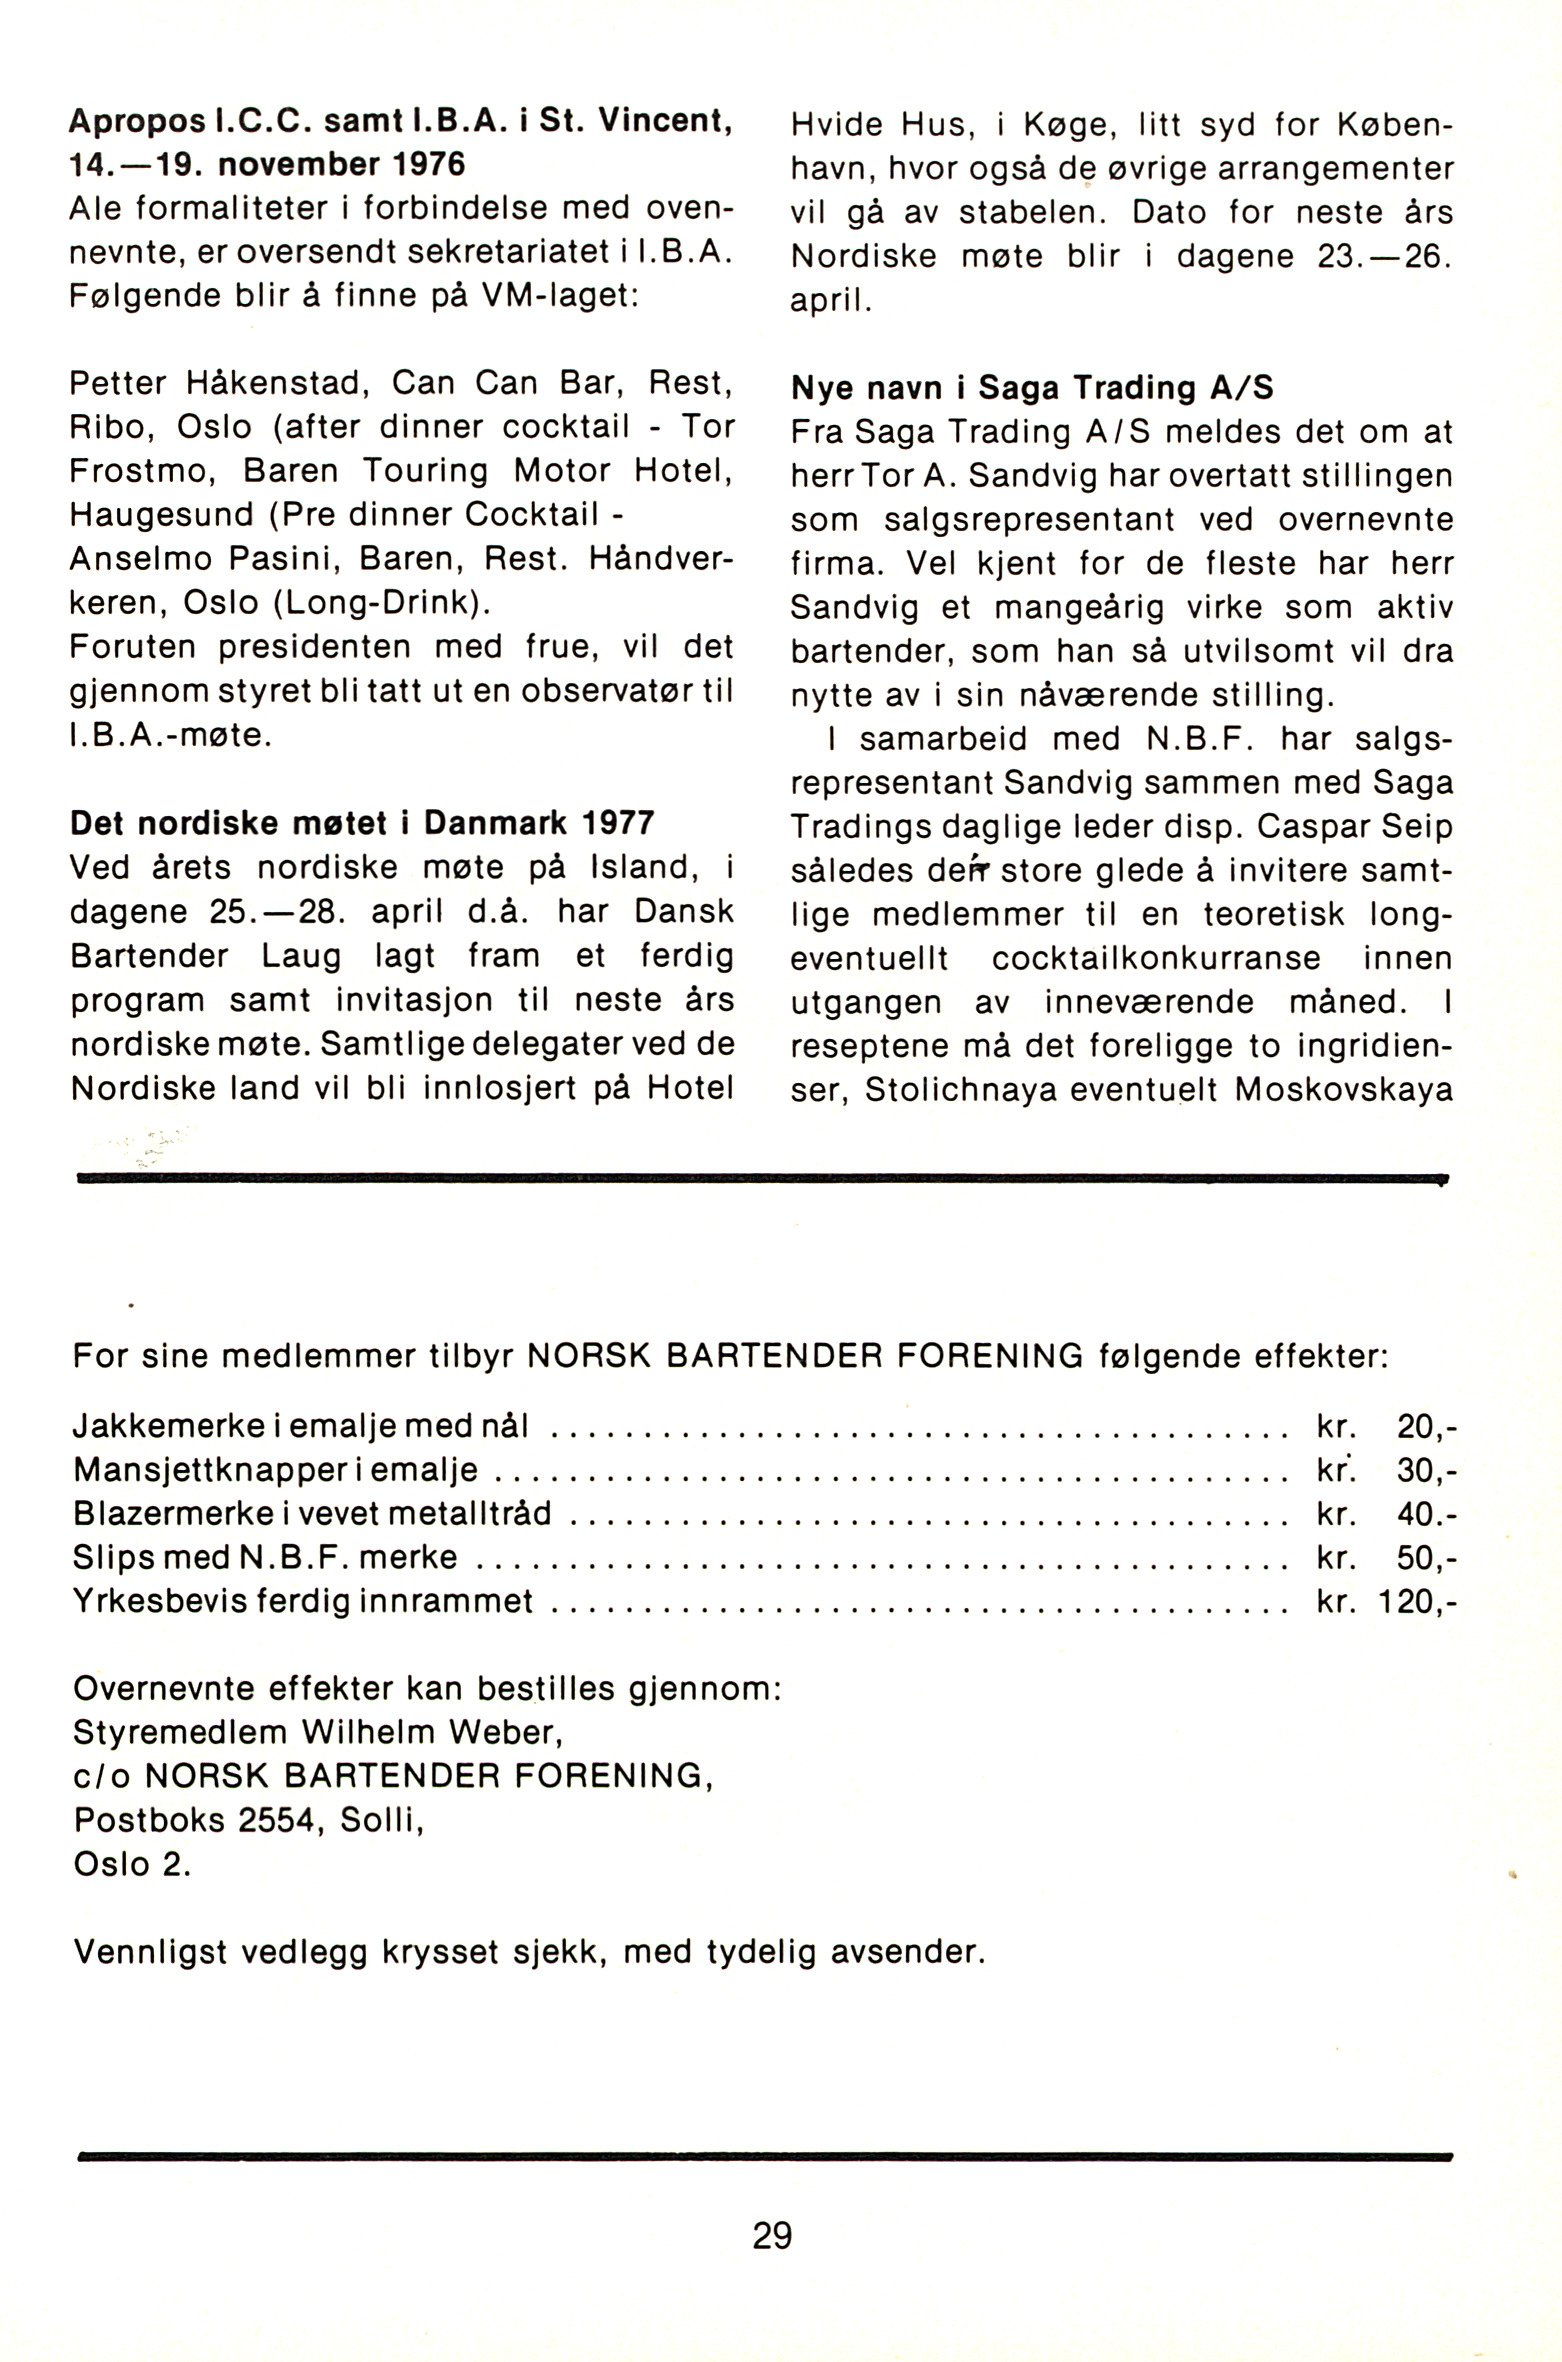 NB 1976 ÅRGANG 1 | Nr. 1 | Side 29